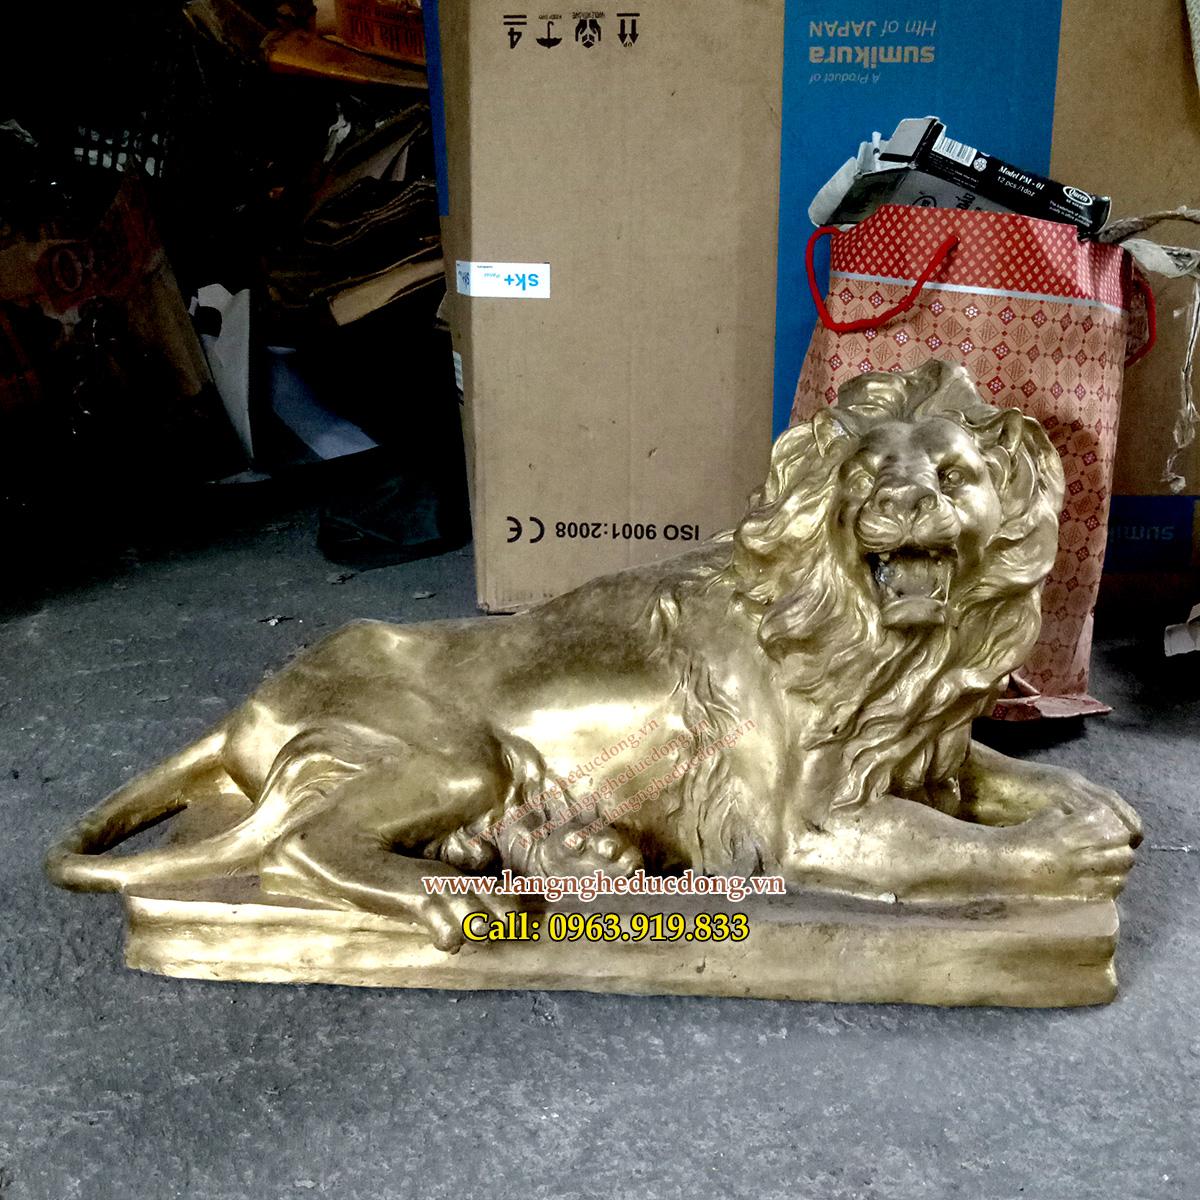 langngheducdong.vn - Tượng Sư Tử bằng đồng, sư tử trang trí, mẫu tượng sư tử